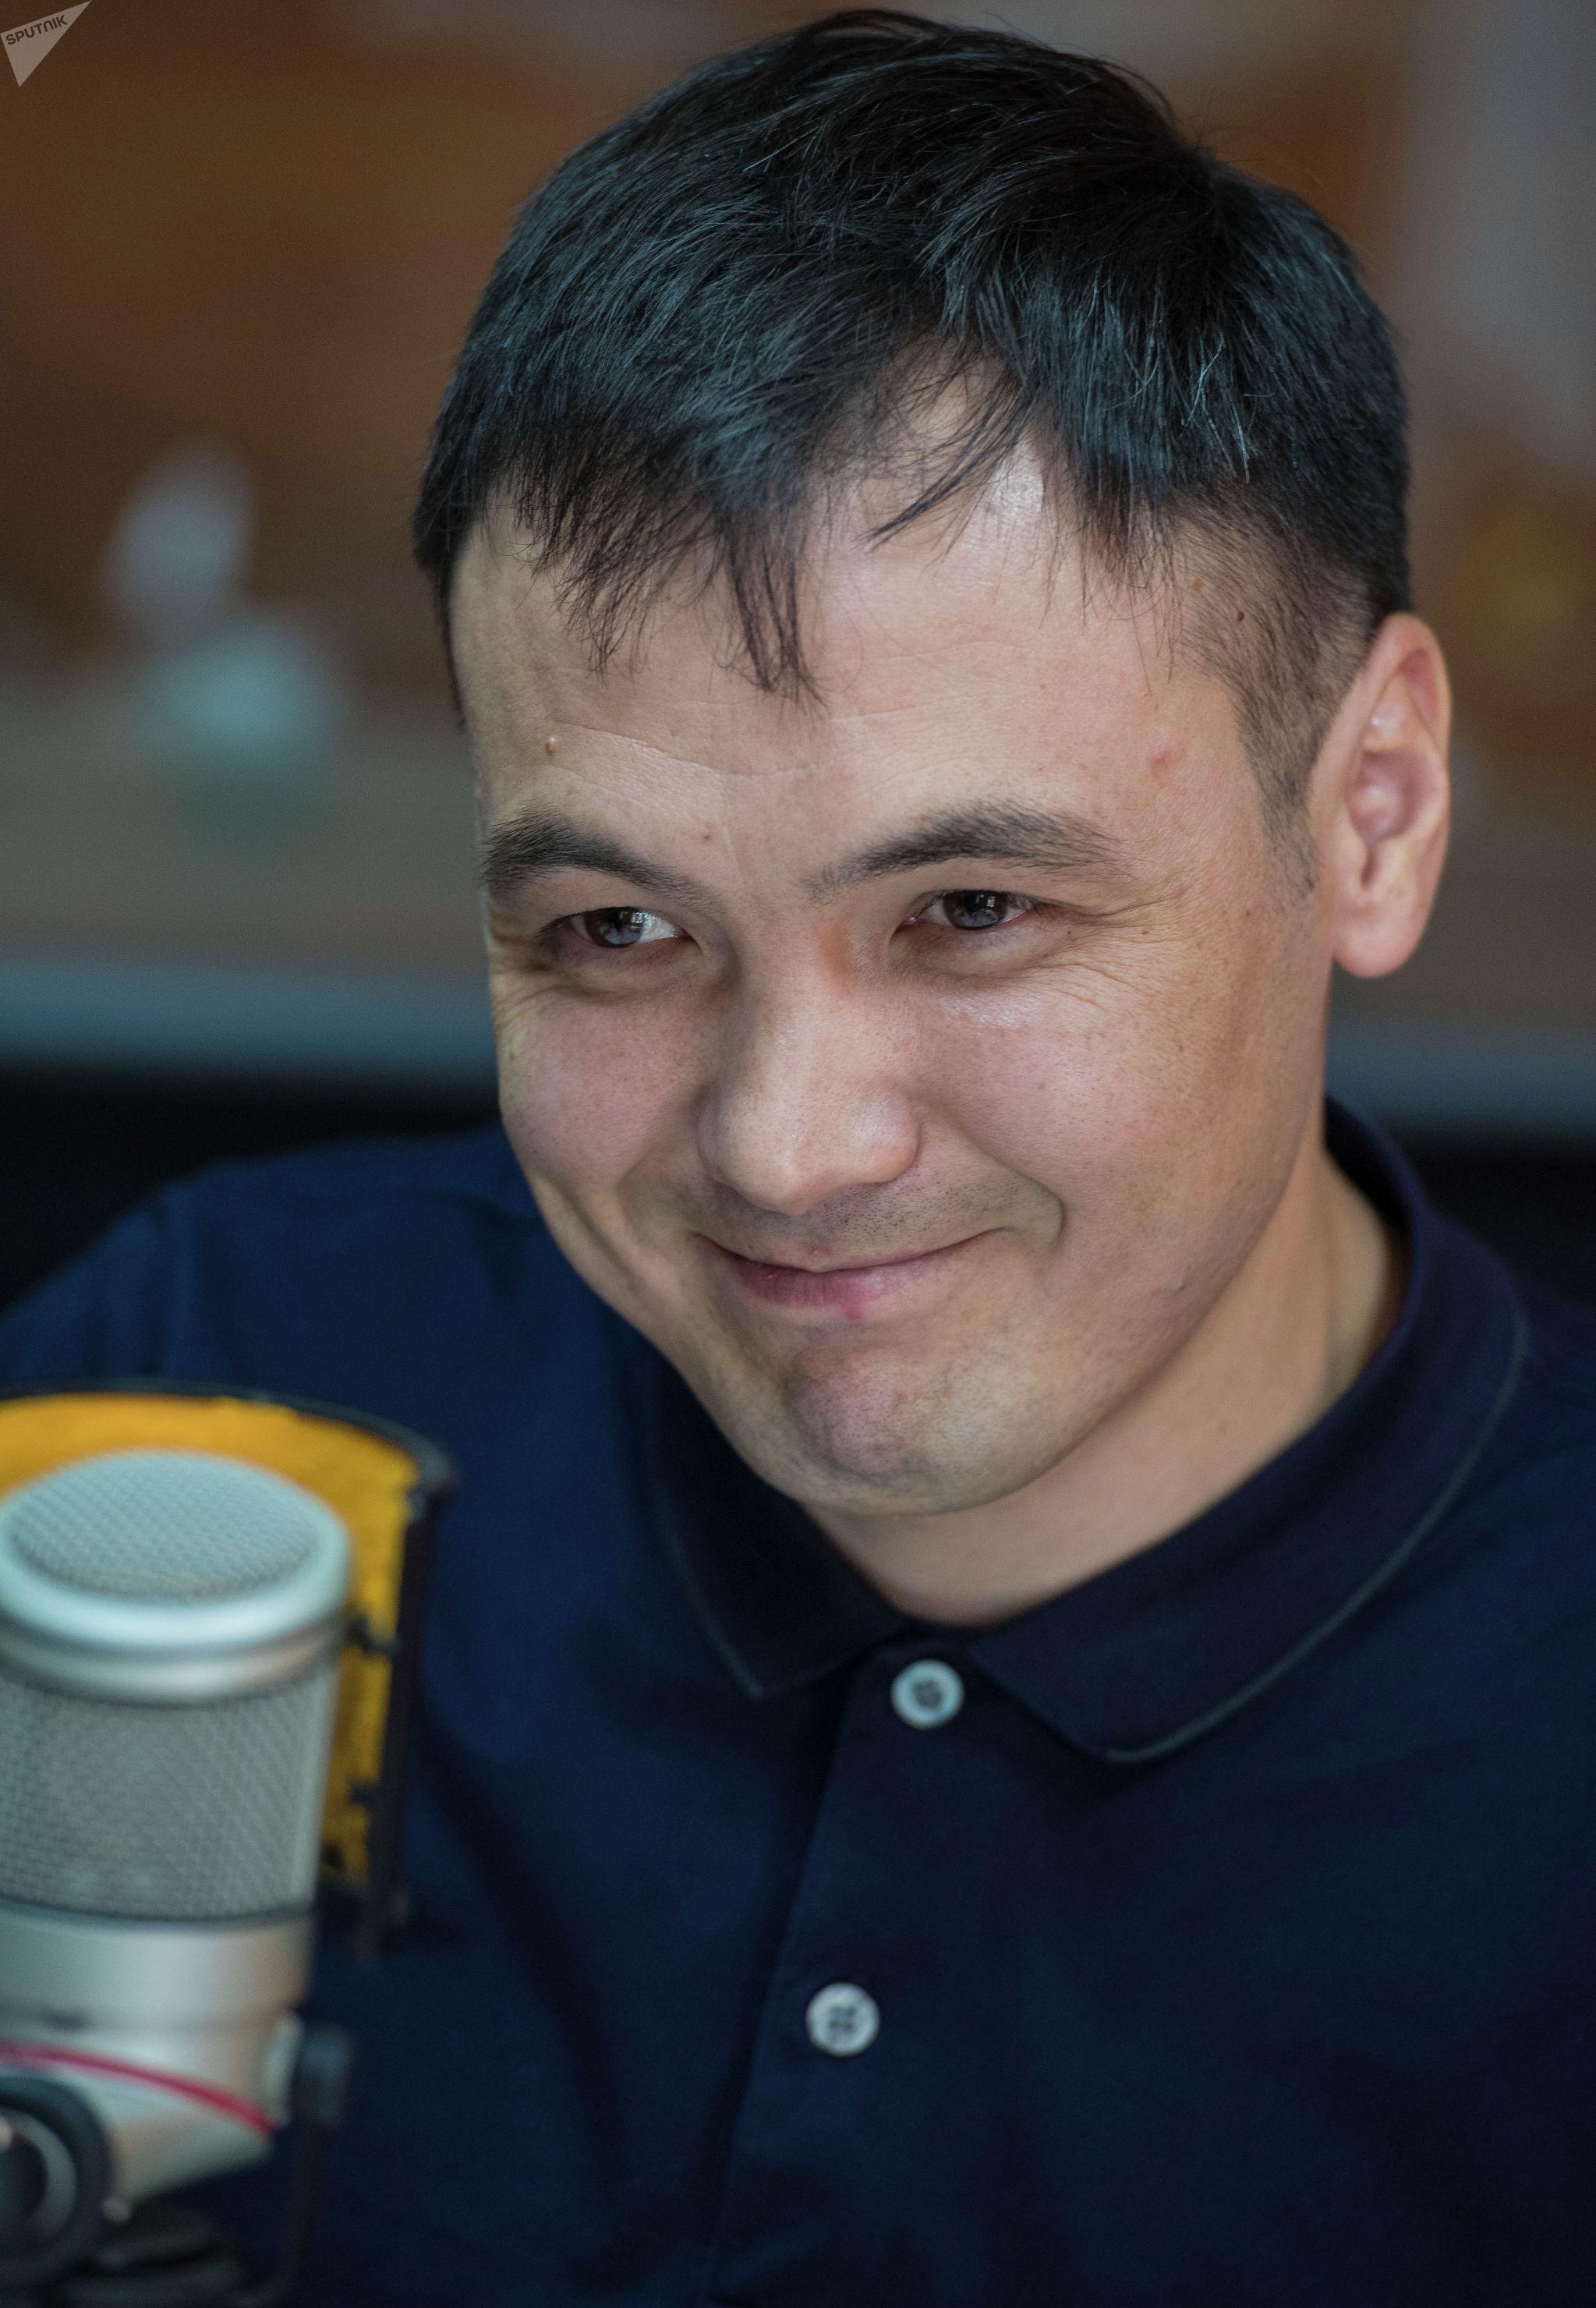 Участник чикагского марафона 2019 года кыргызстанец Темирбек Эркинов во время интервью